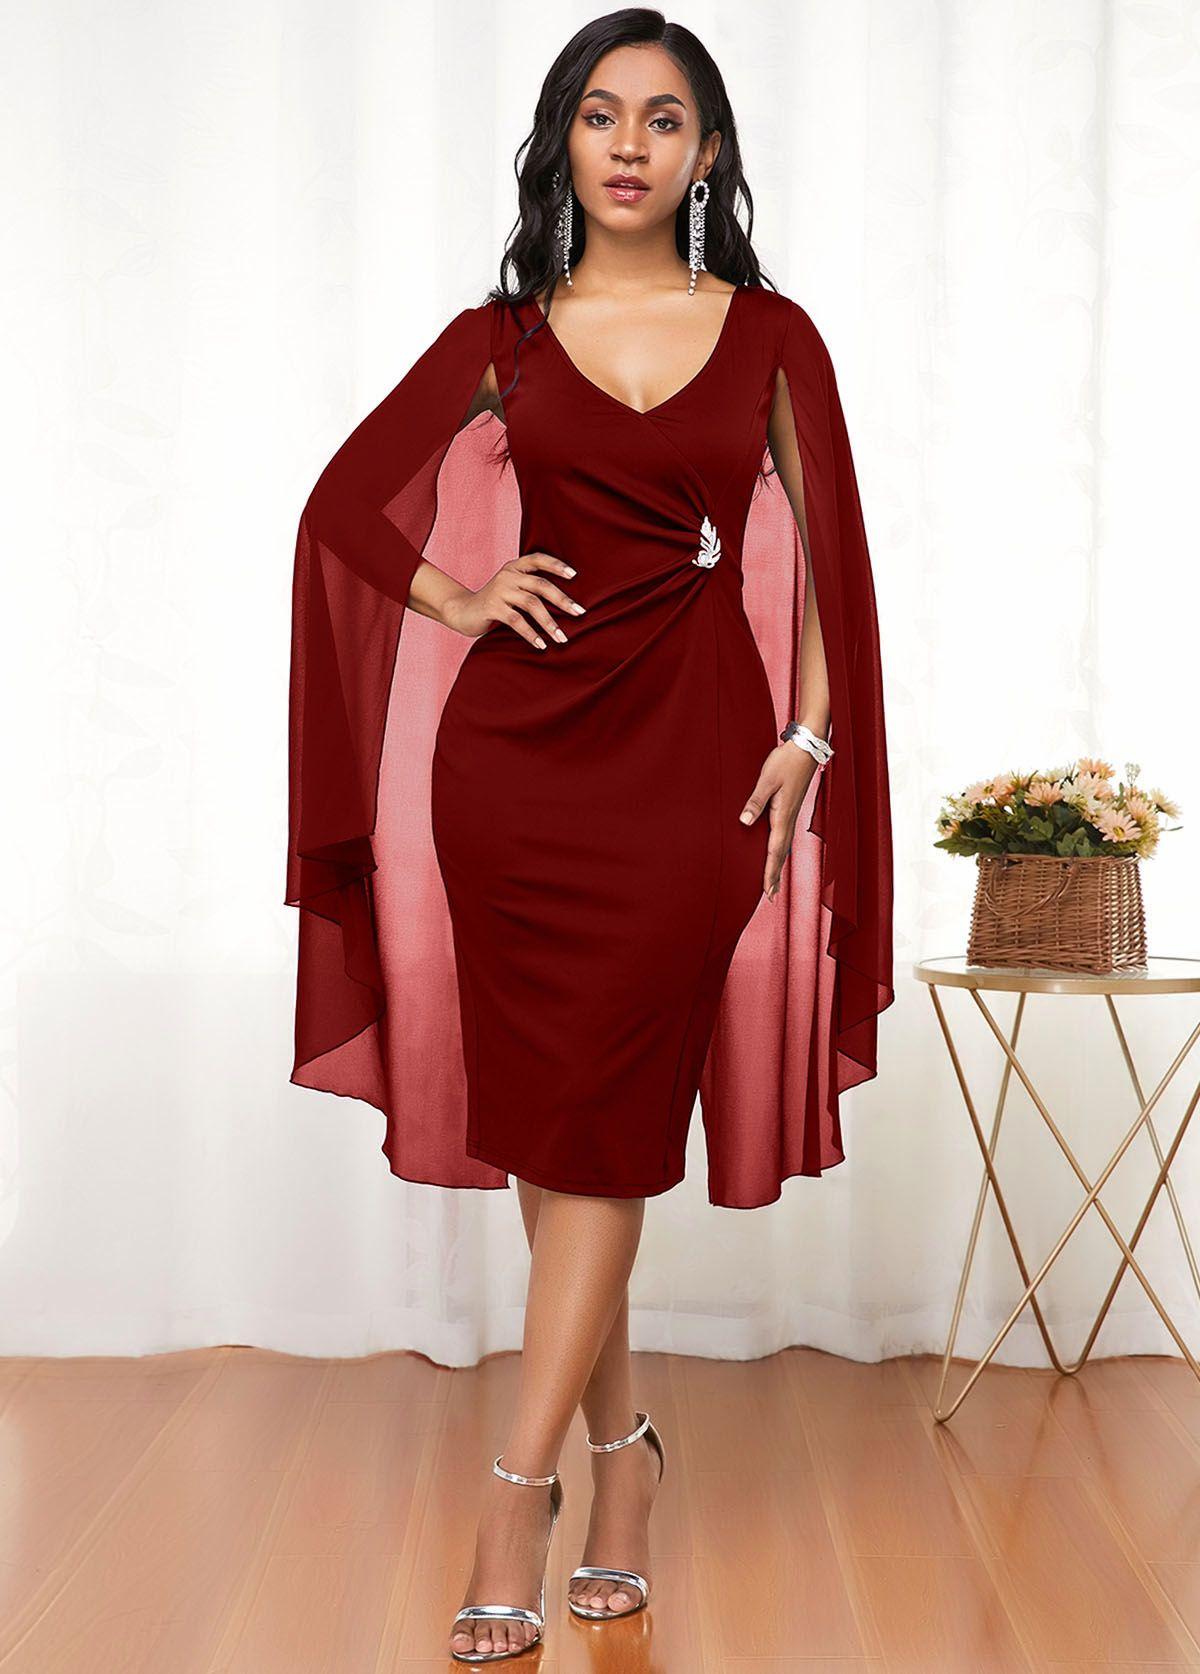 Cape Shoulder V Neck Wine Red Dress Rosewe Com Usd 30 90 In 2020 Cape Dress Pattern Dresses Wine Red Dress